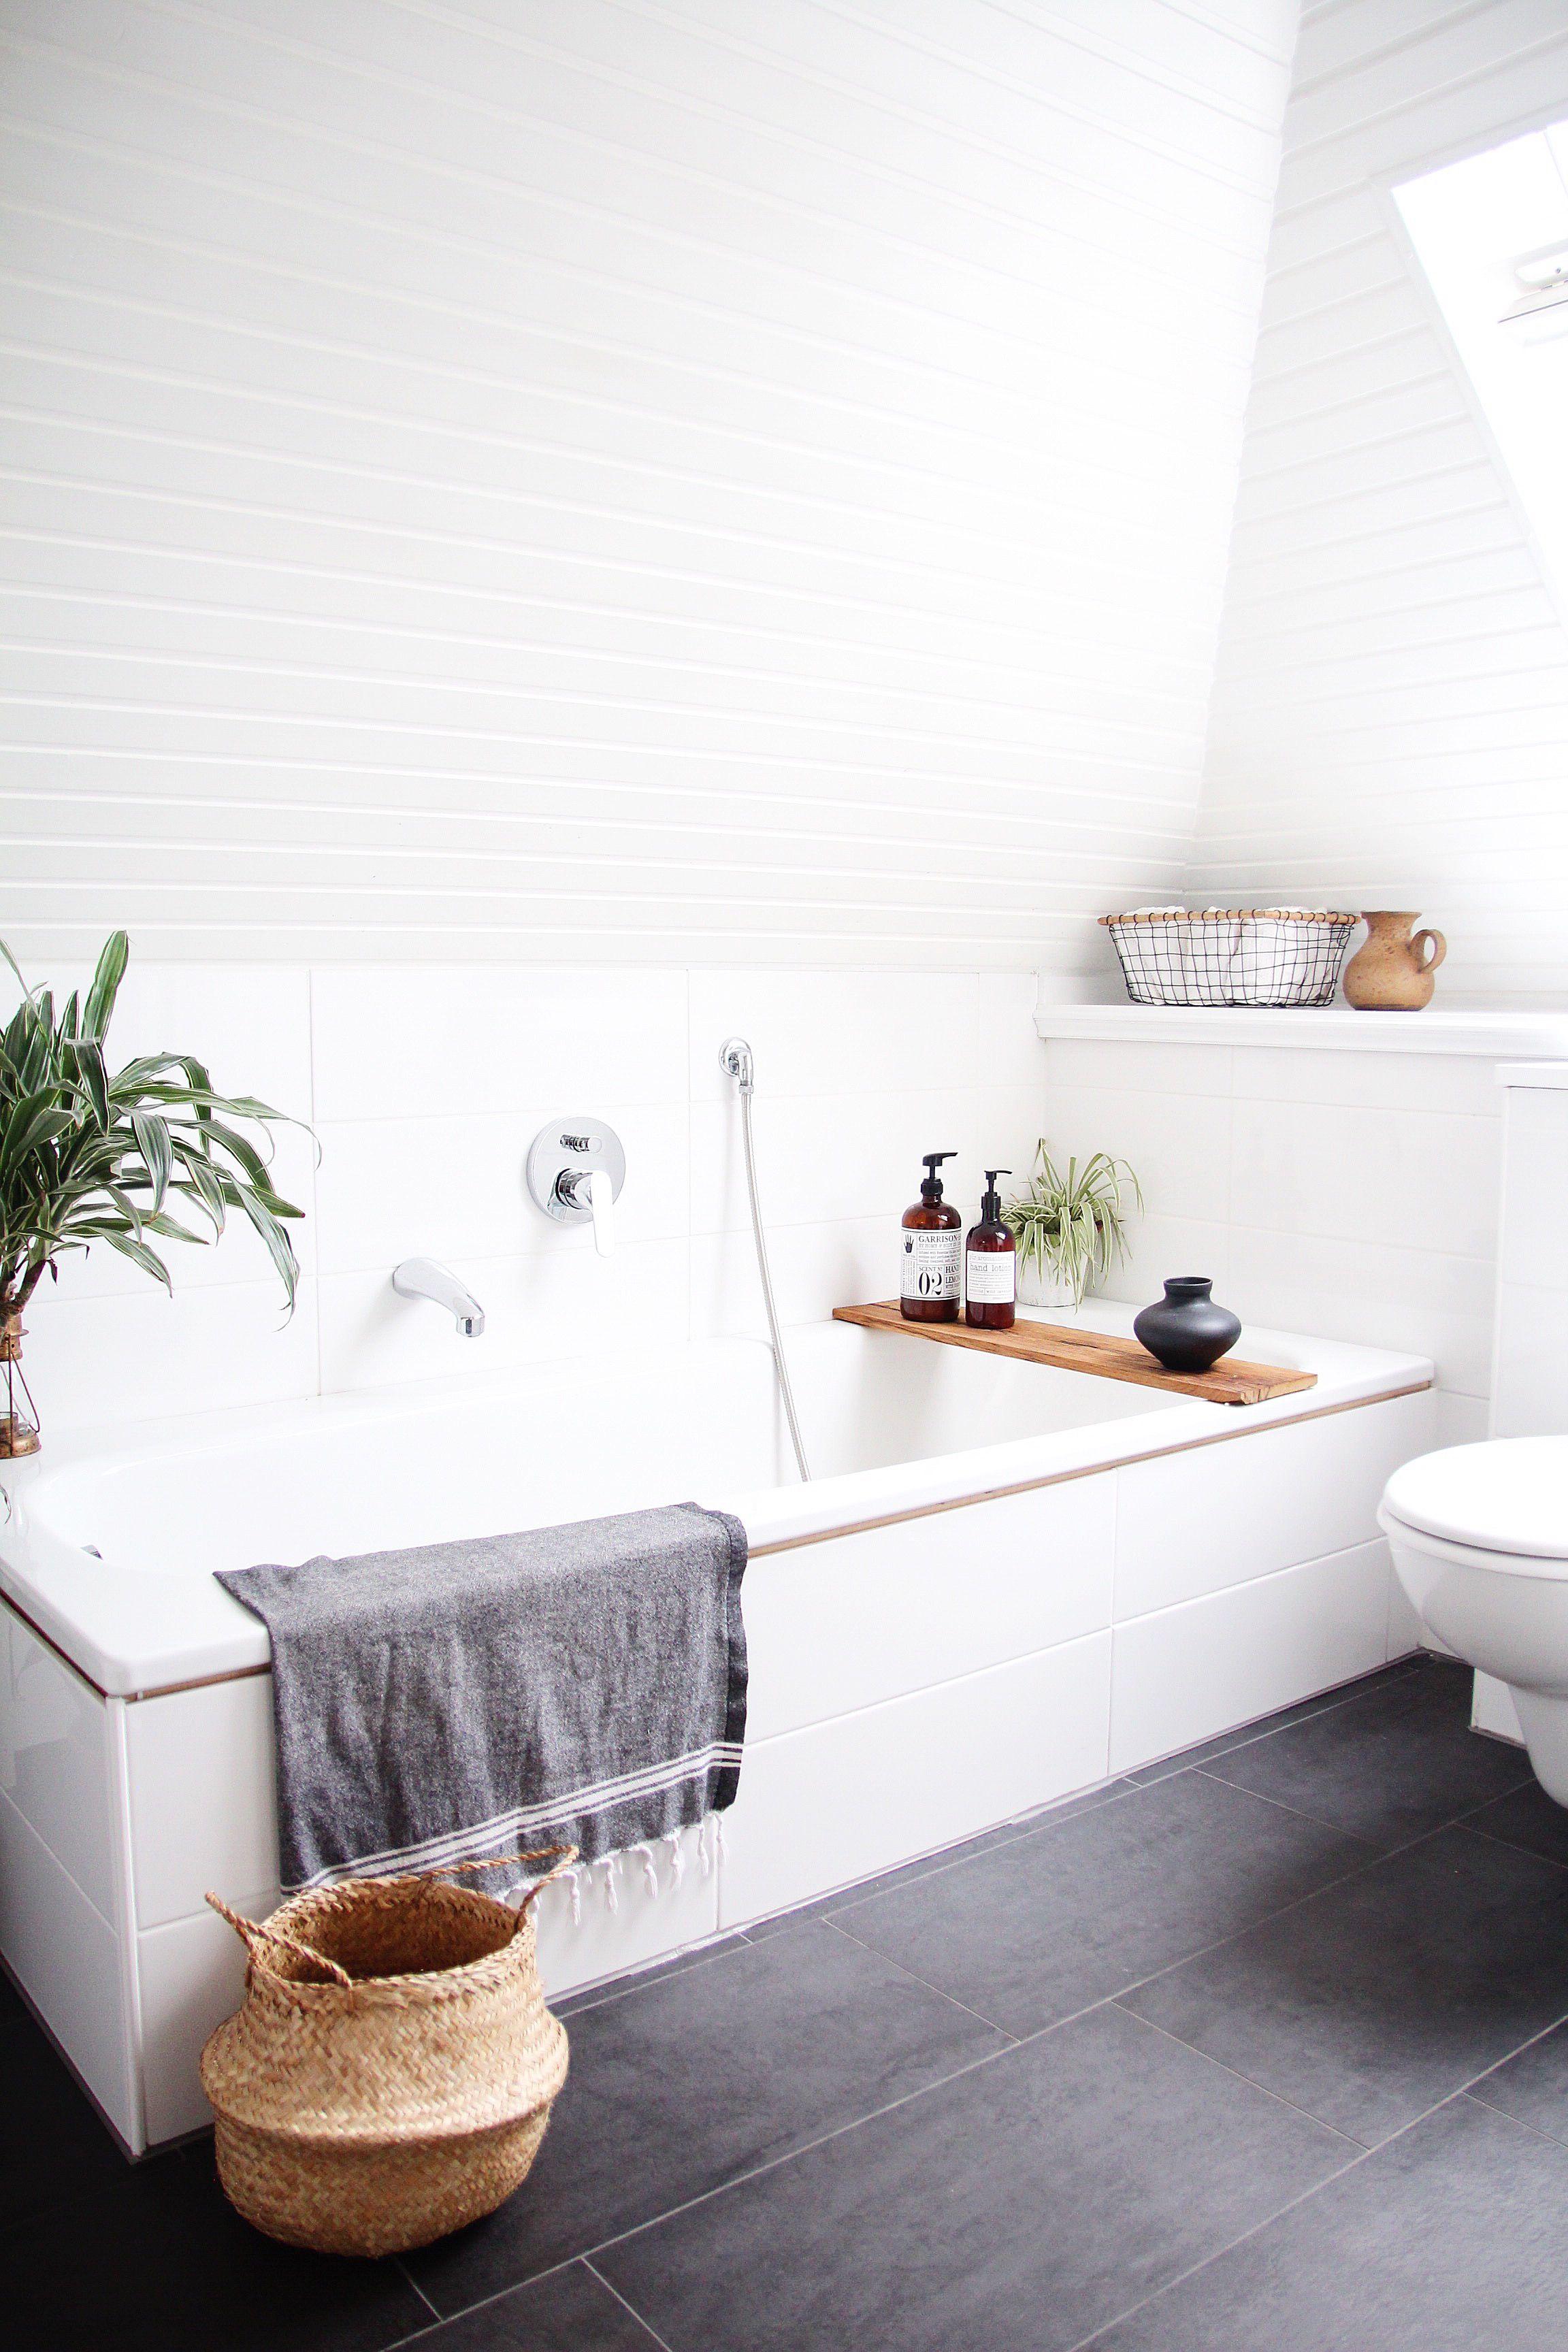 Badezimmer Selbst Renovieren Bad Einrichten Badezimmer Renovieren Und Badrenovierung